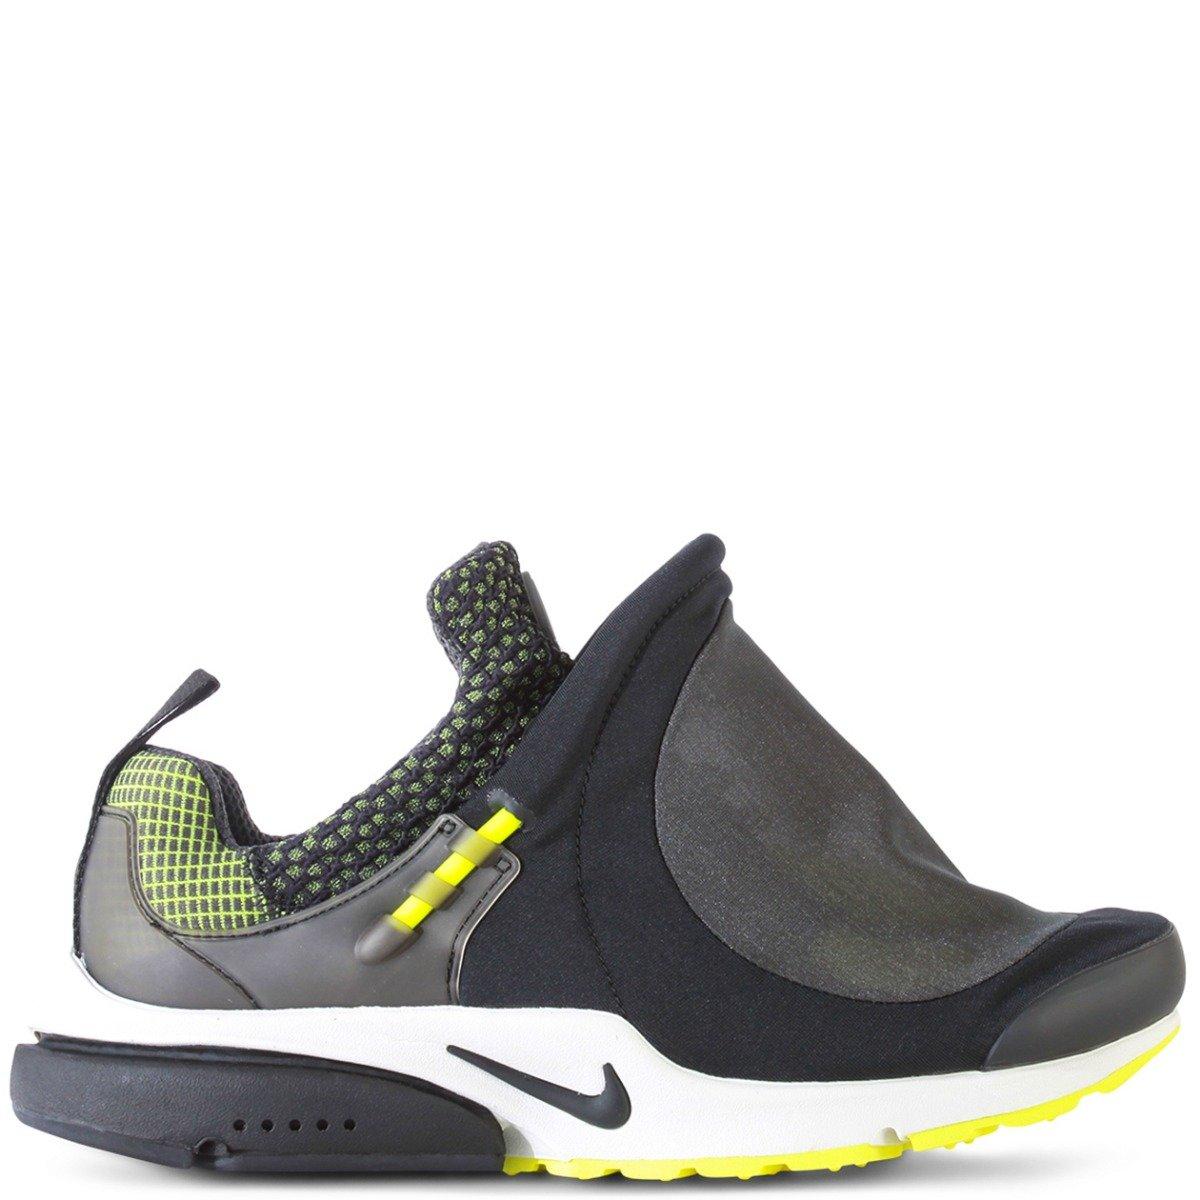 Nike Air Presto Tent Sneakers